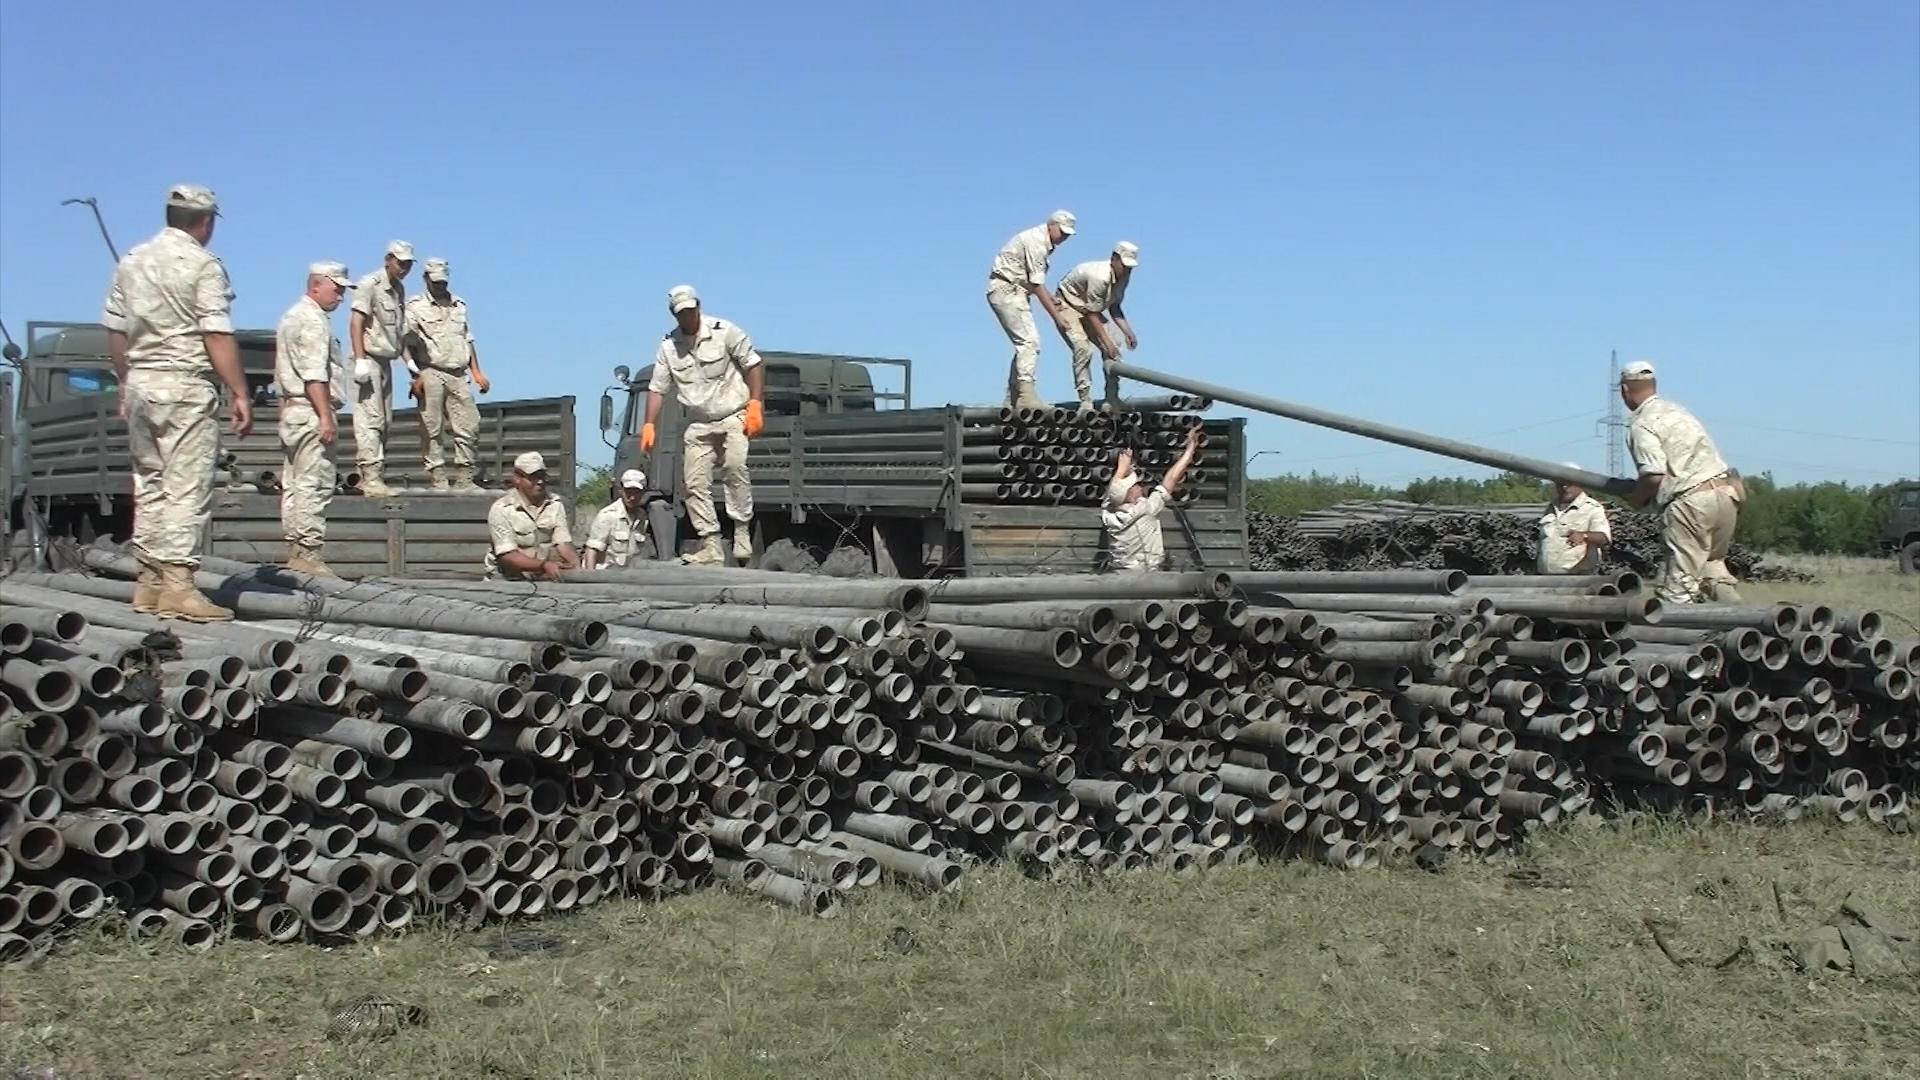 Прокладка трубопровода военнослужащими Южного и Западного военных округов в Крыму